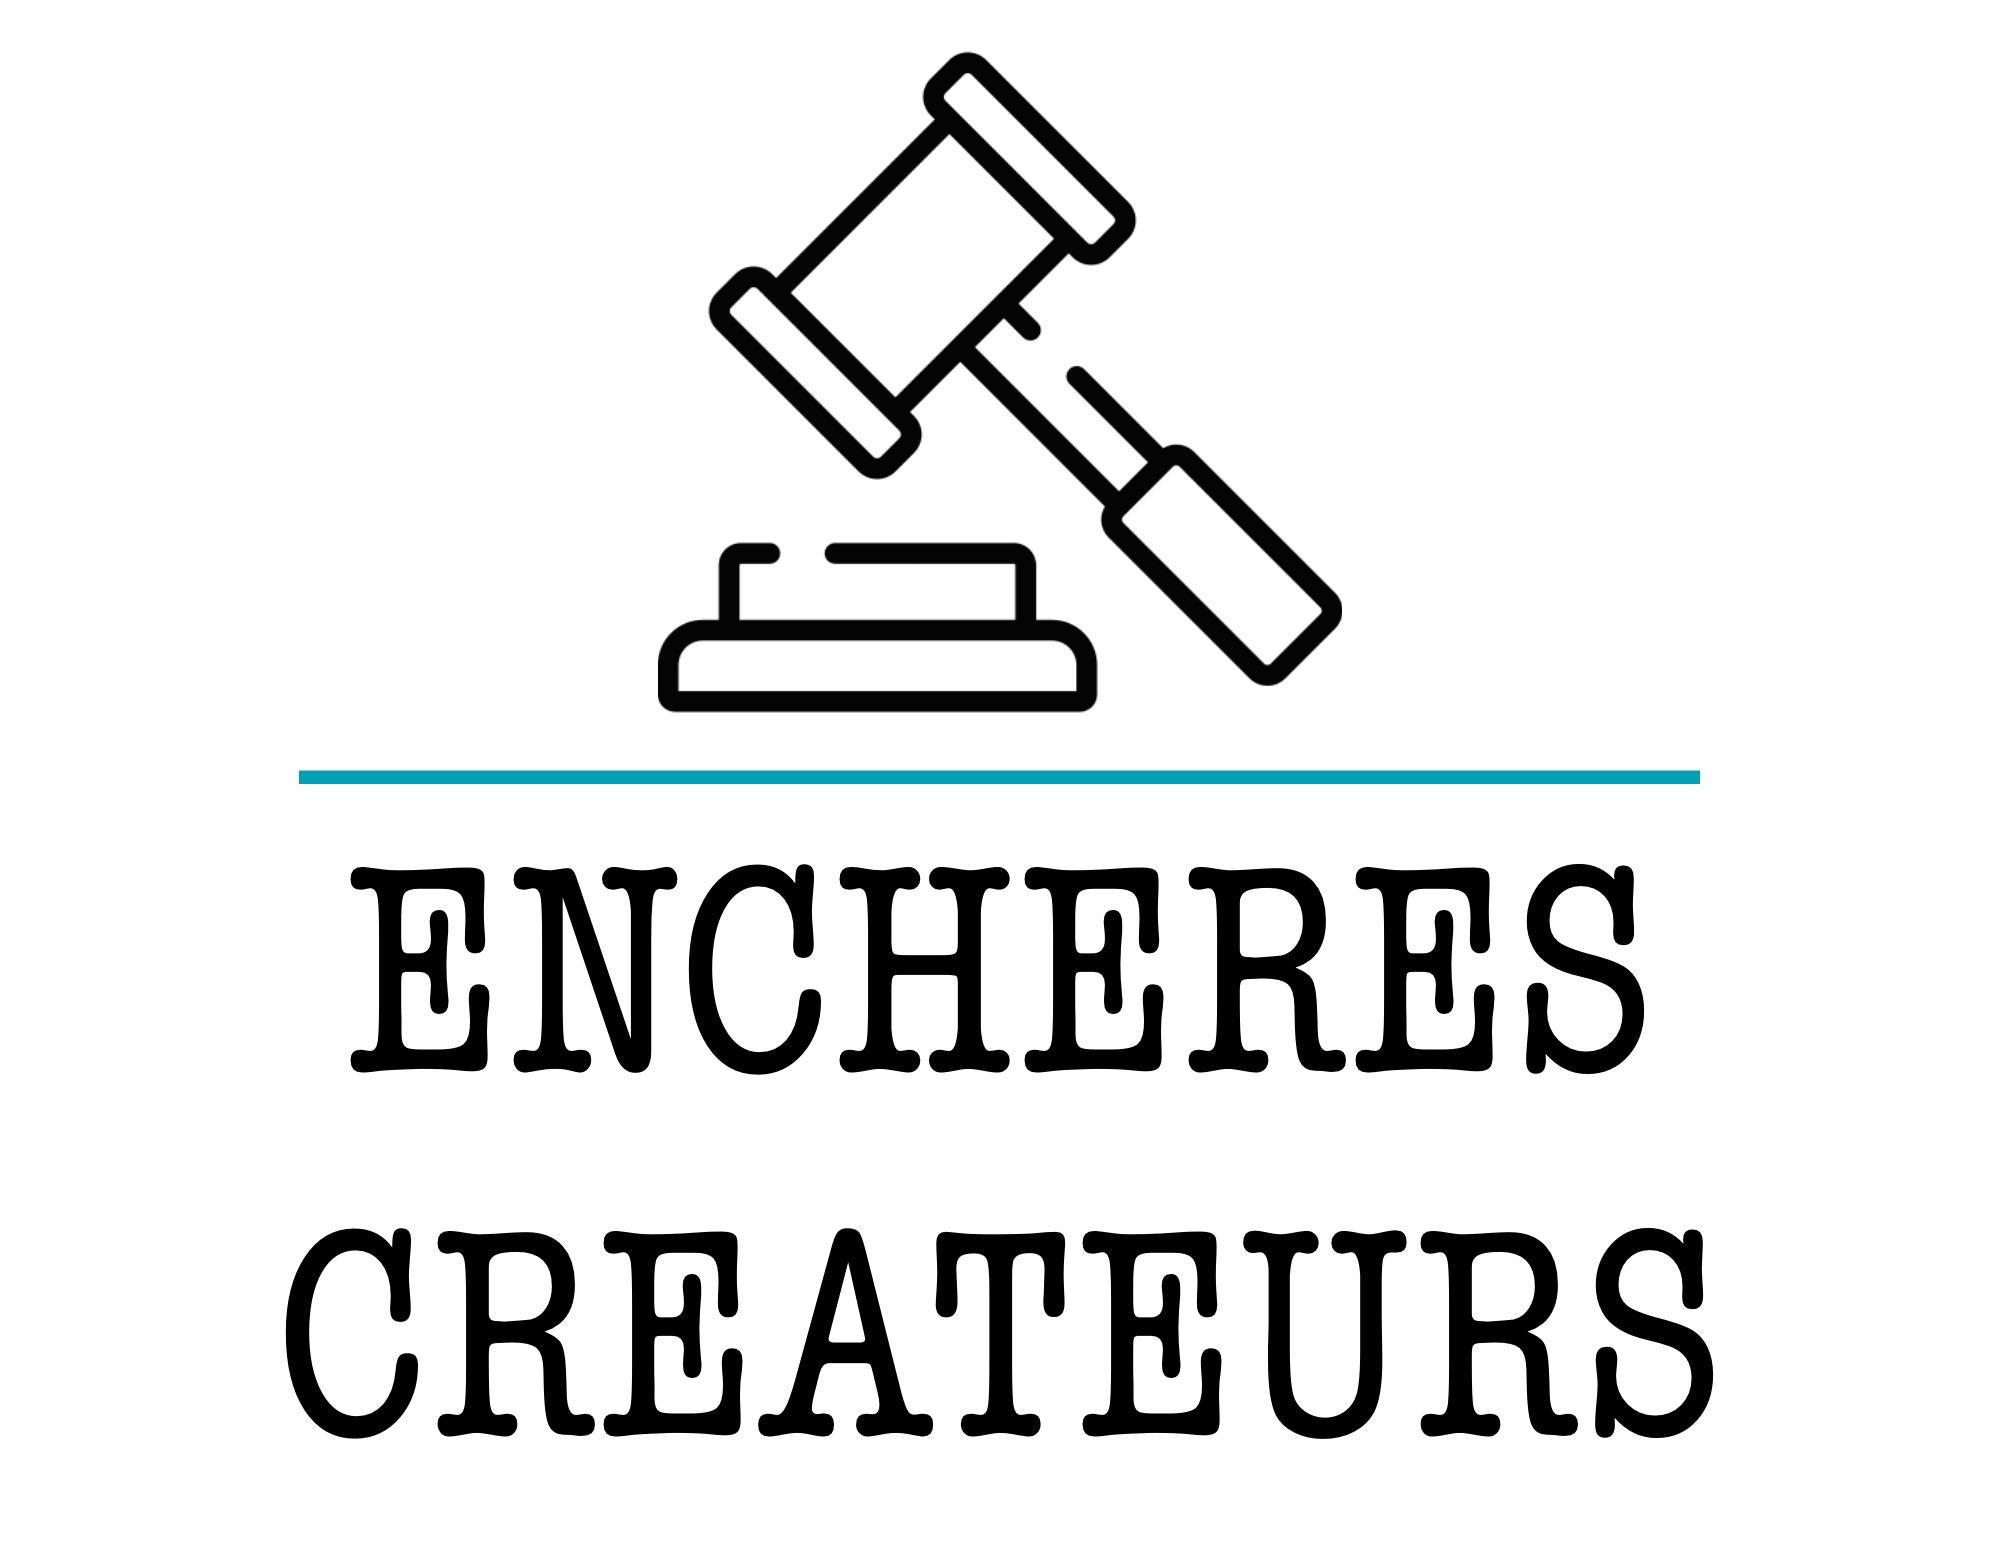 Enchères Créateurs